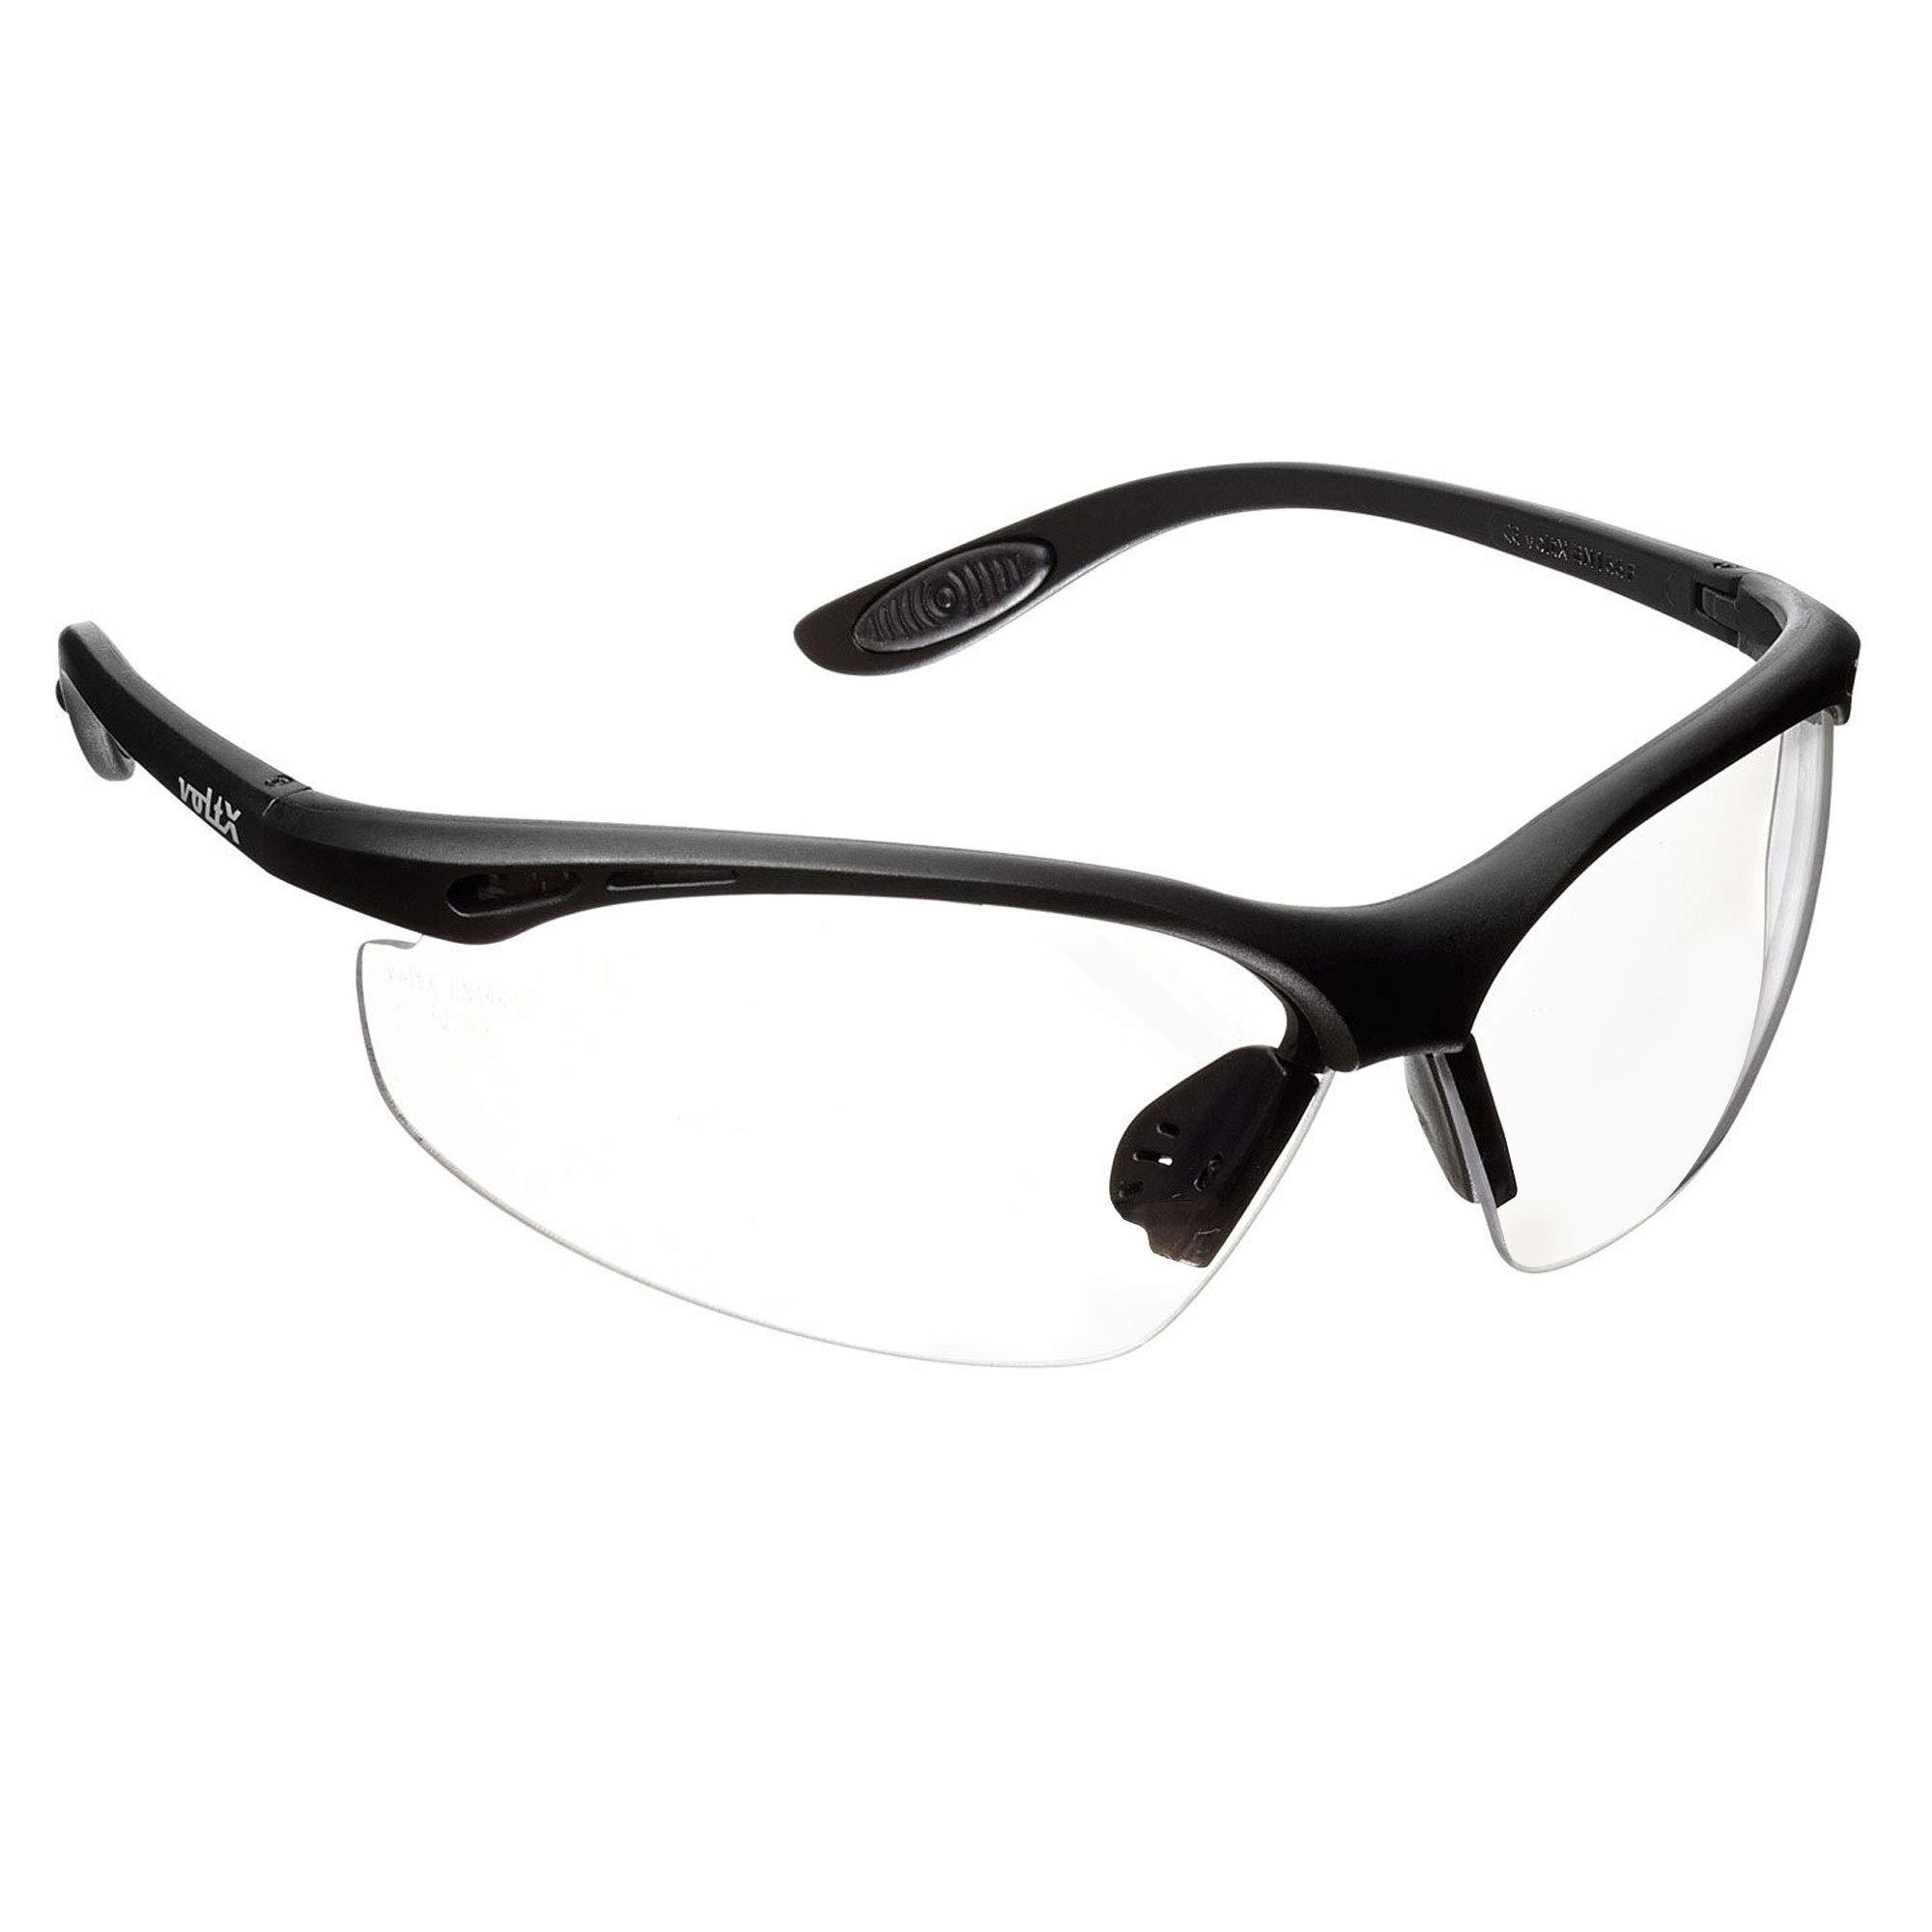 58606fdfc0 voltX 'CONSTRUCTOR' Gafas de Seguridad que cumplen con la certificación CE  EN166F / Gafas